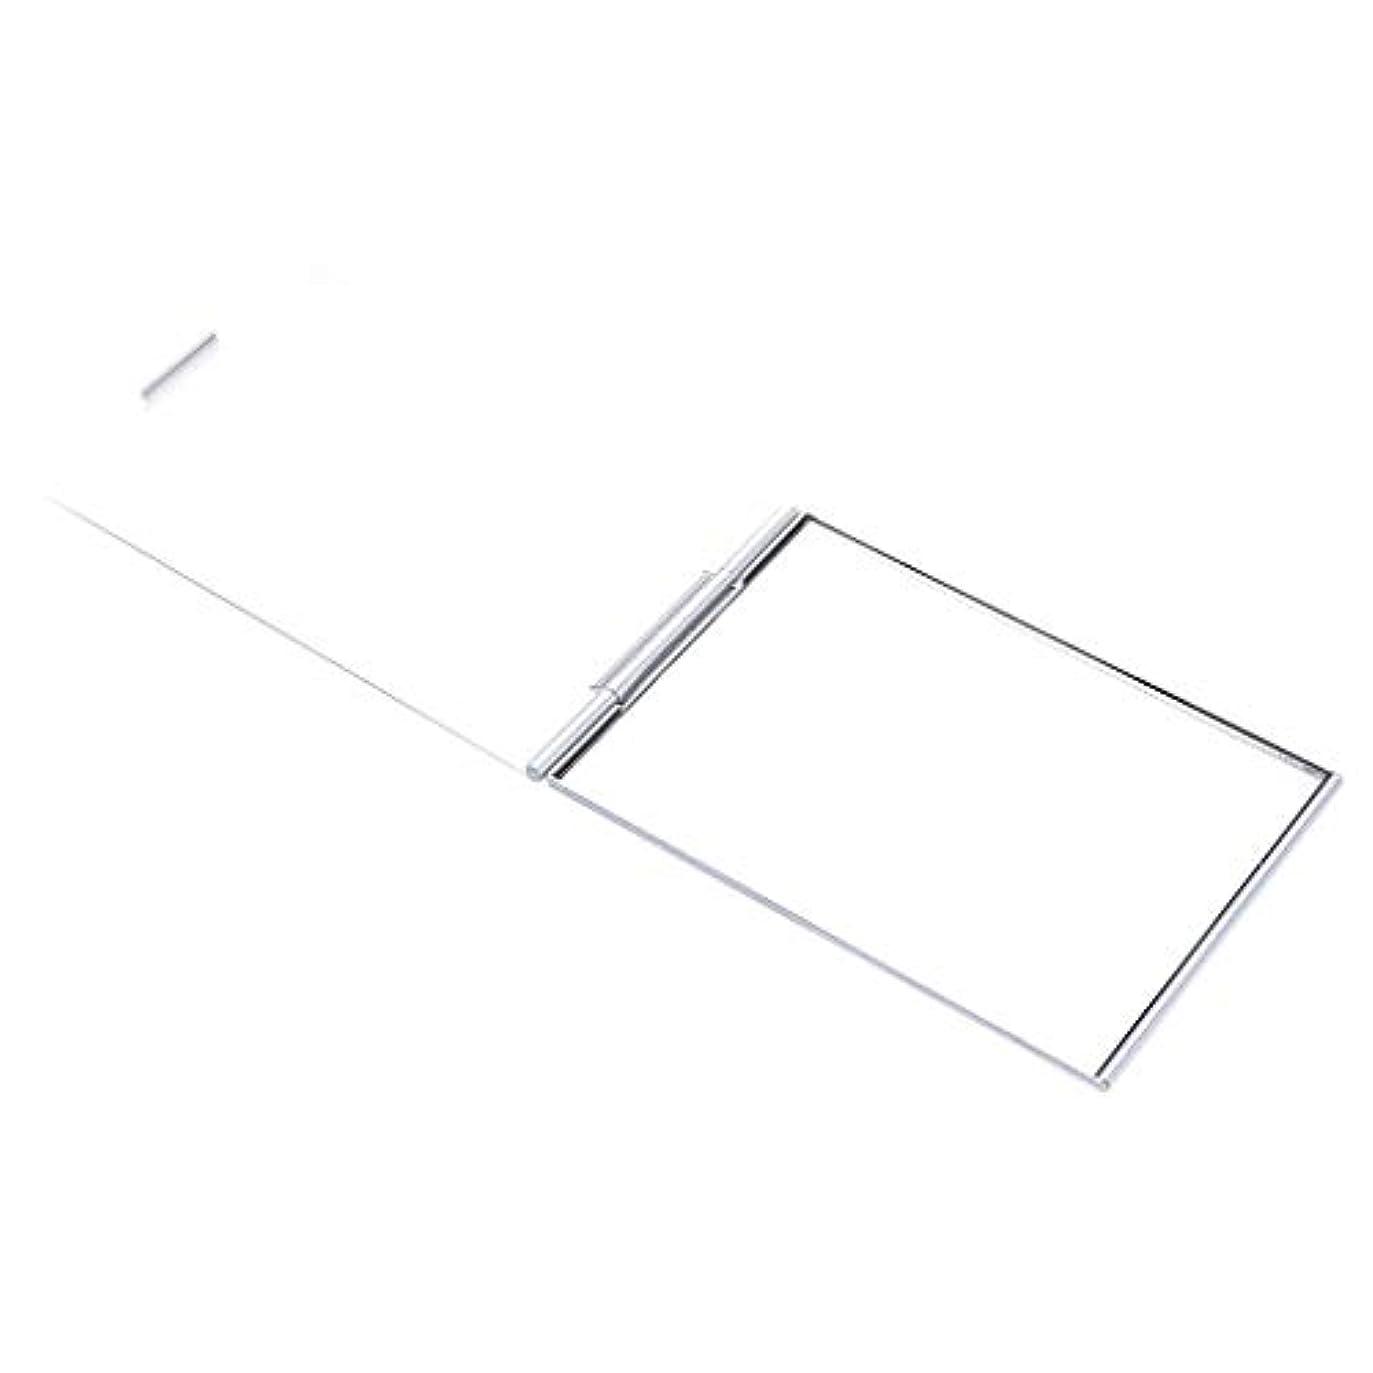 鉛影きちんとした化粧鏡 メイクアップミラー ポケットミラー スクエア メイクアップ 化粧 全2サイズ - 4